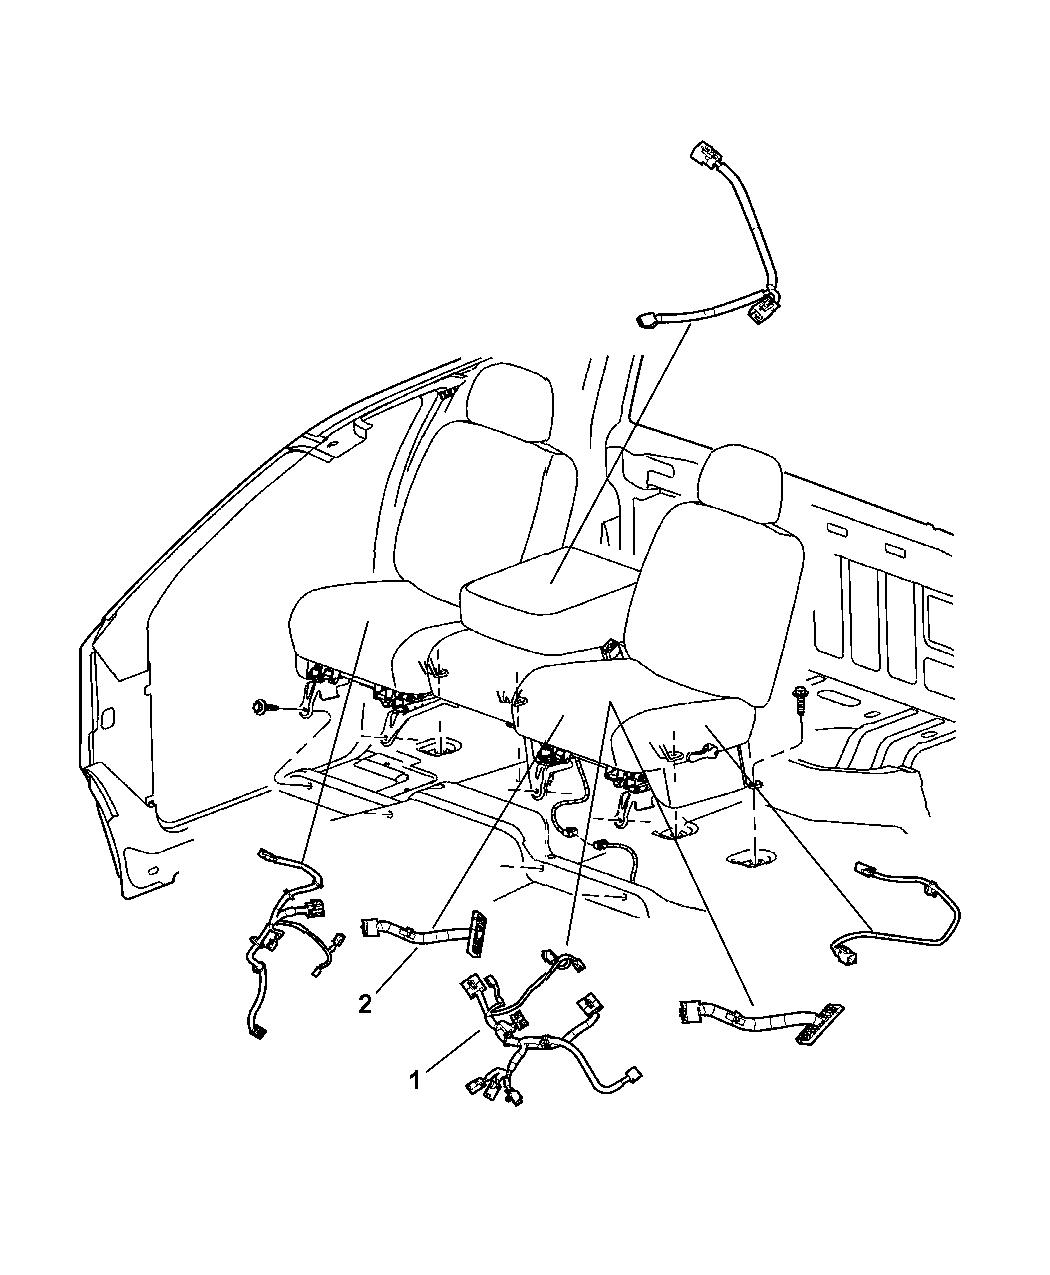 Ram 5500 Wiring Diagram